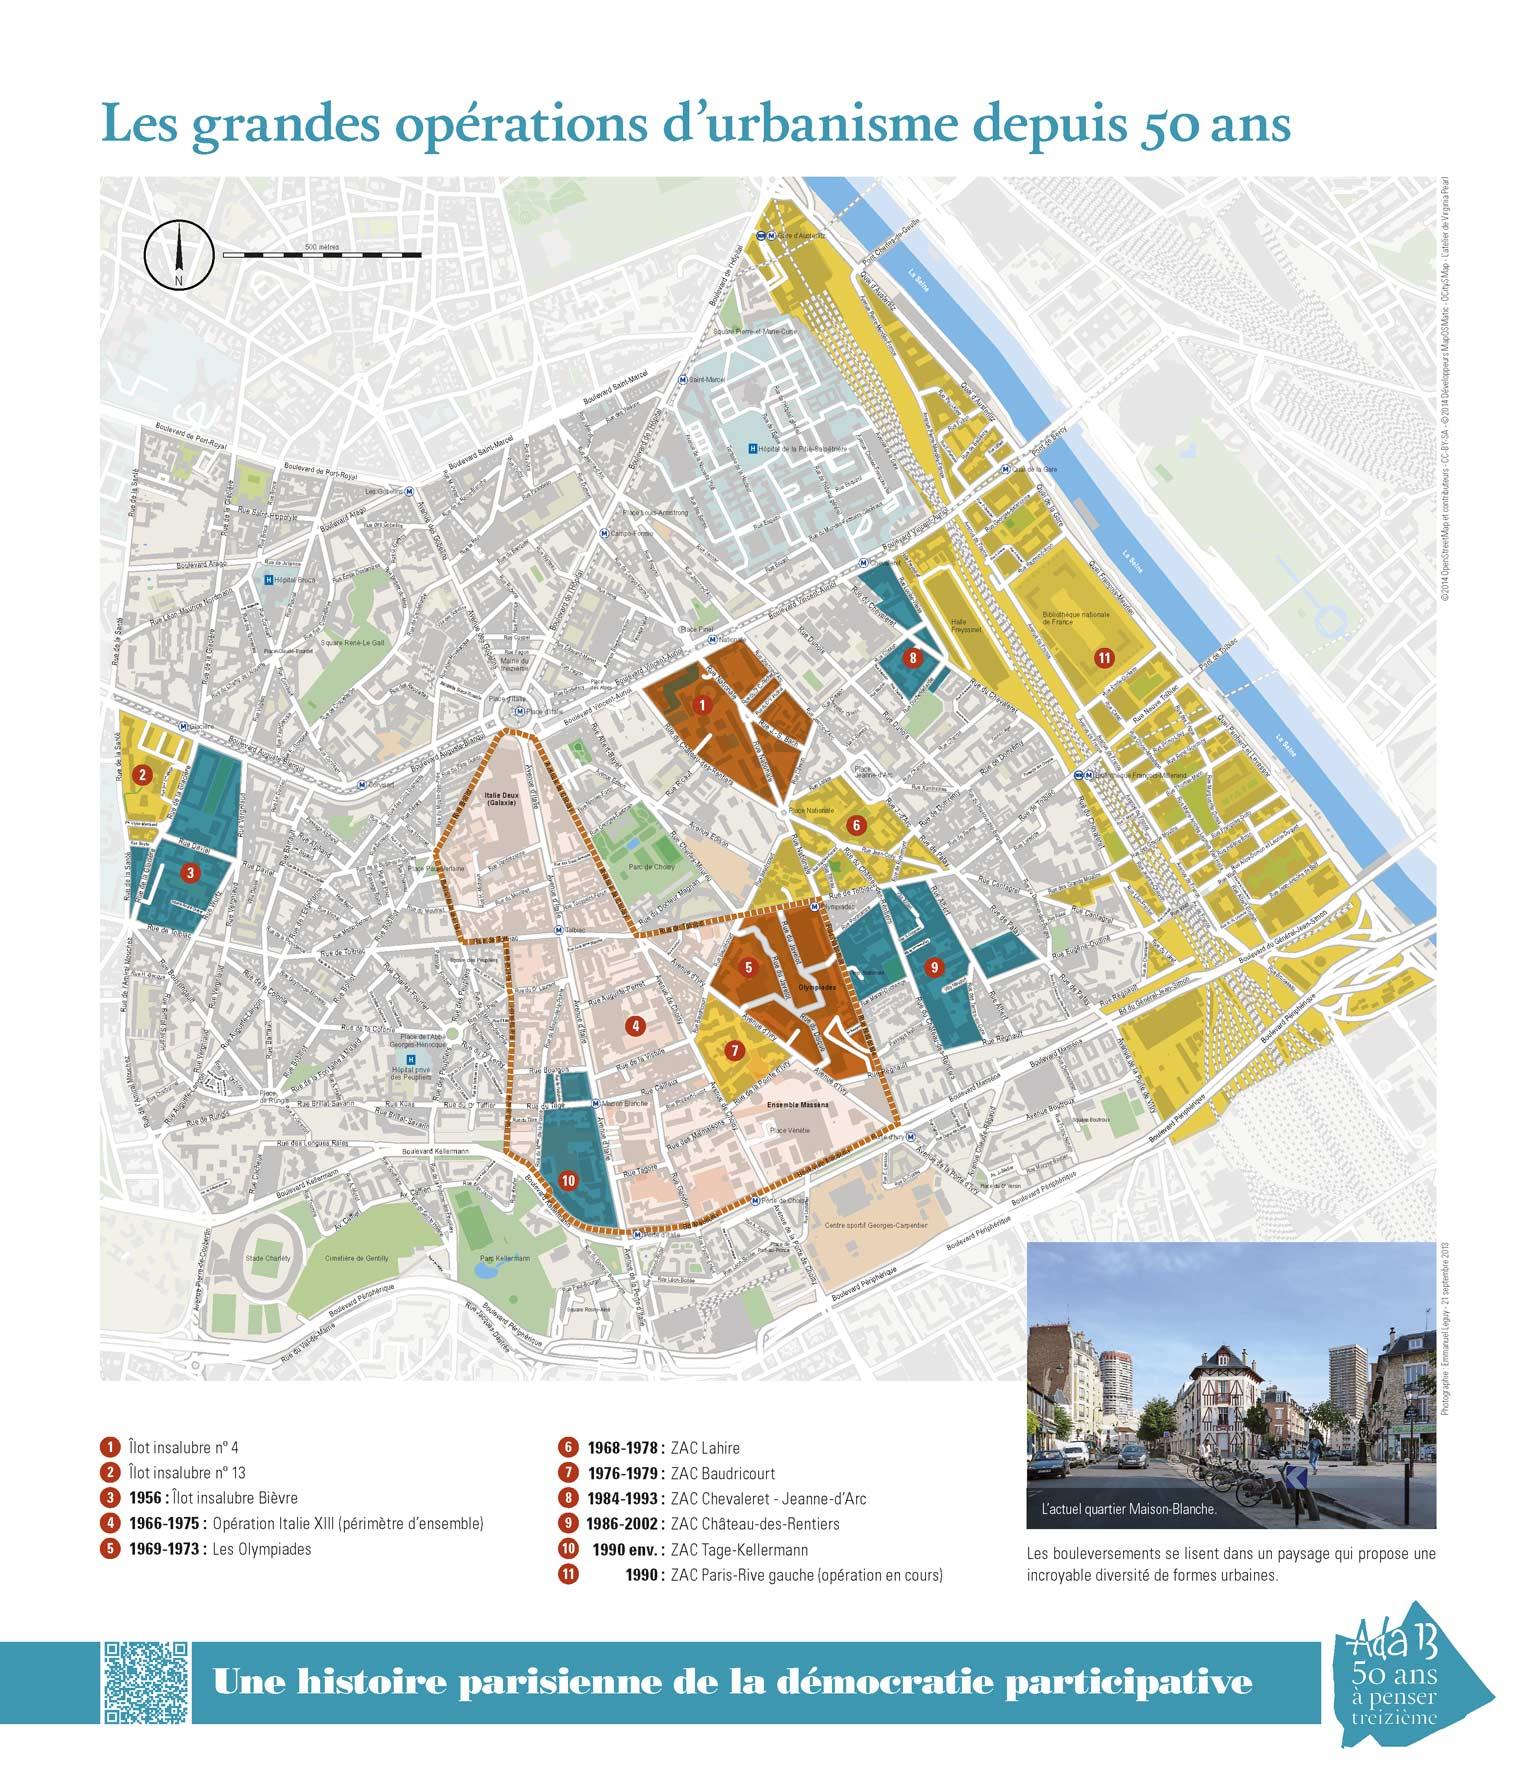 Panneau d'exposition | Les grandes opérations d'urbanisme depuis 50ans